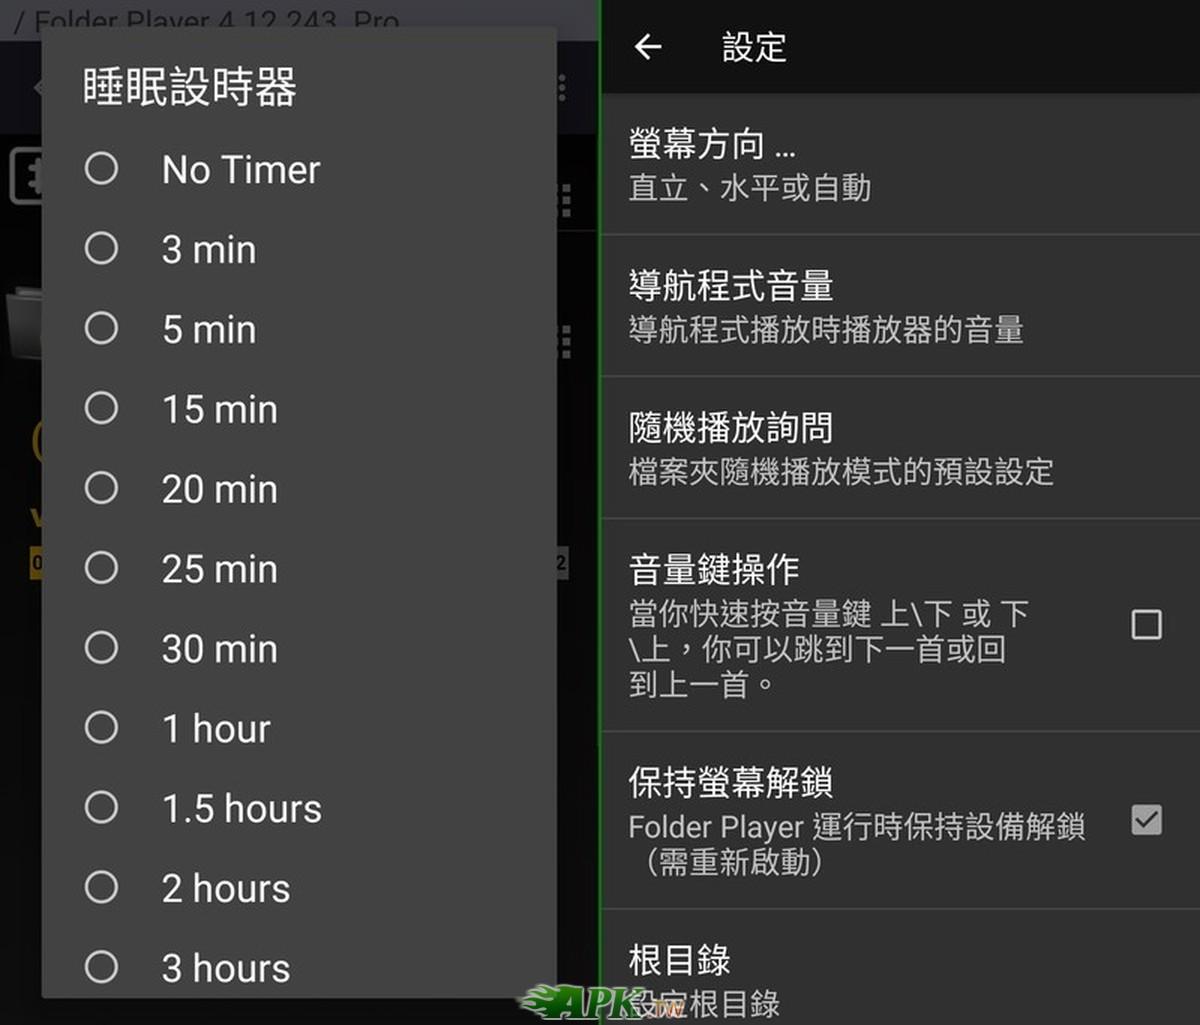 FolderPlayer__3.jpg